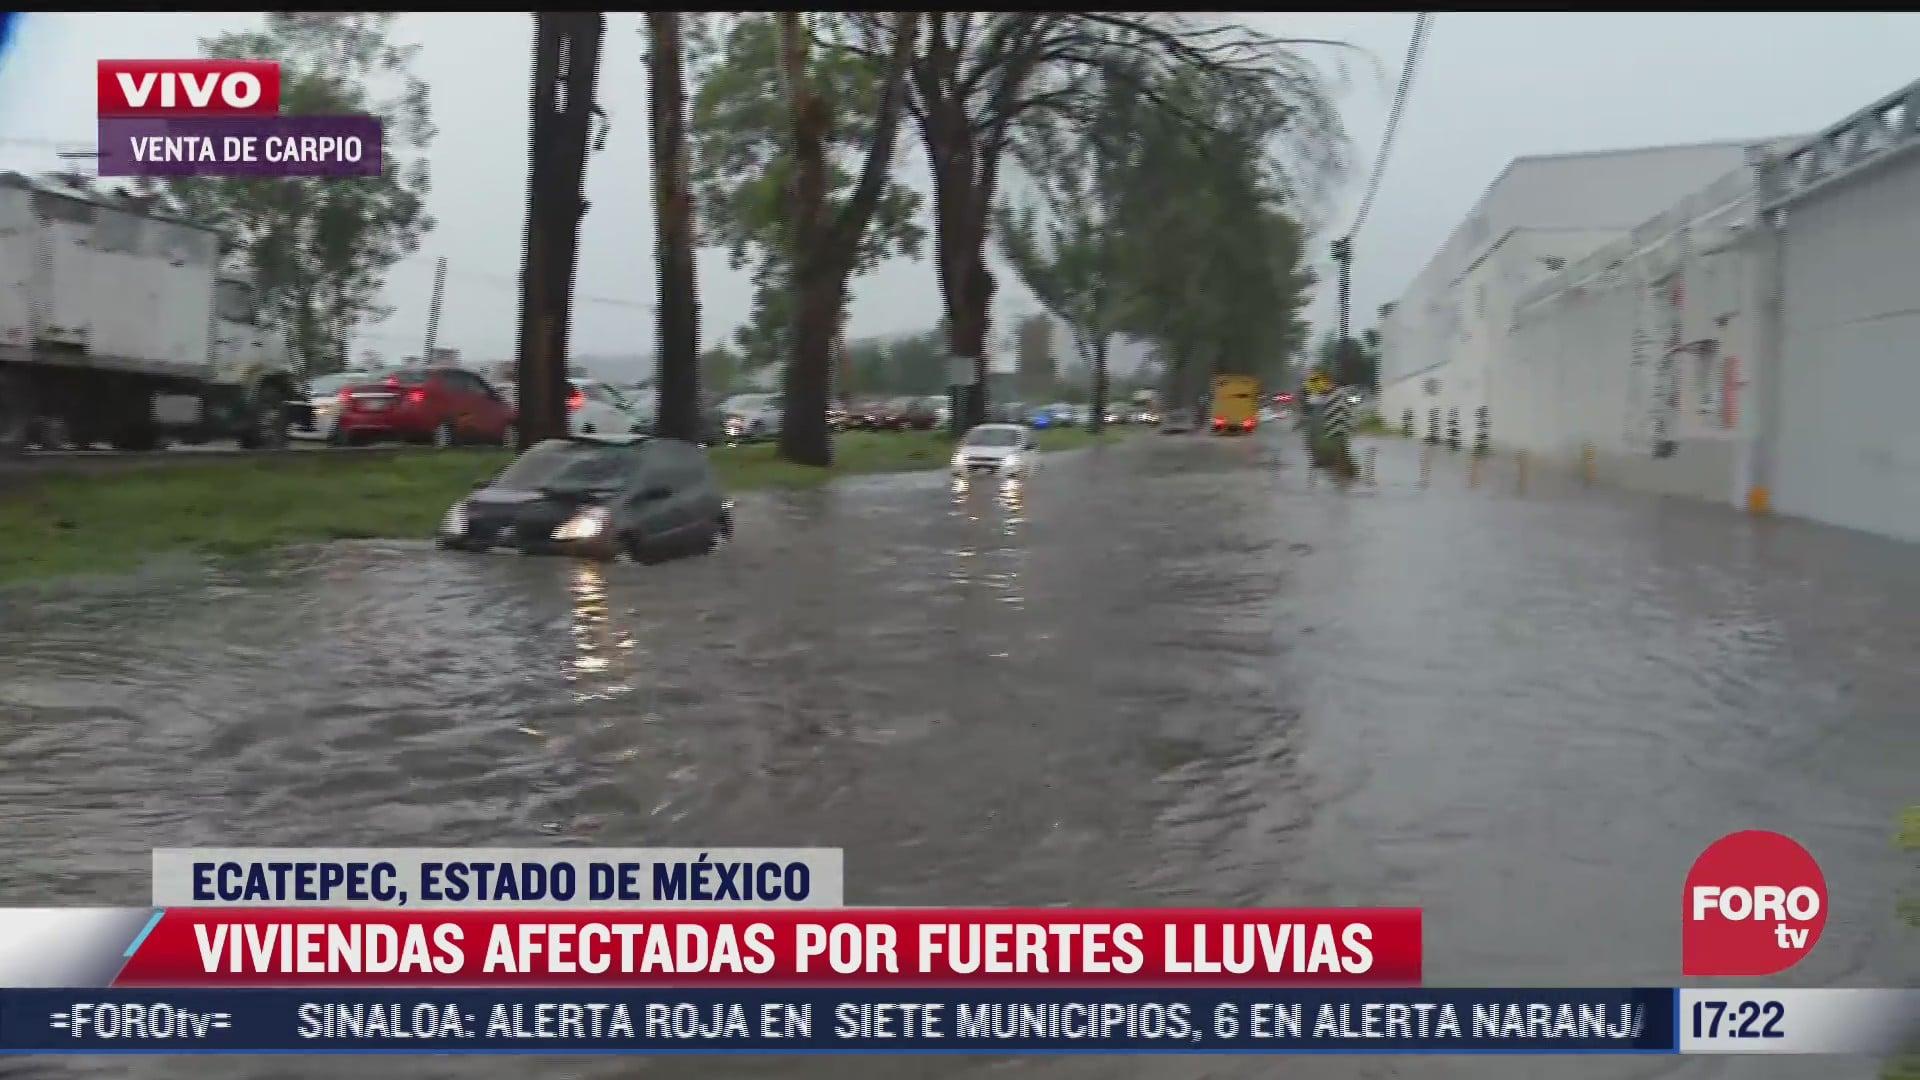 viviendas afectadas por fuertes lluvias en ecatepec